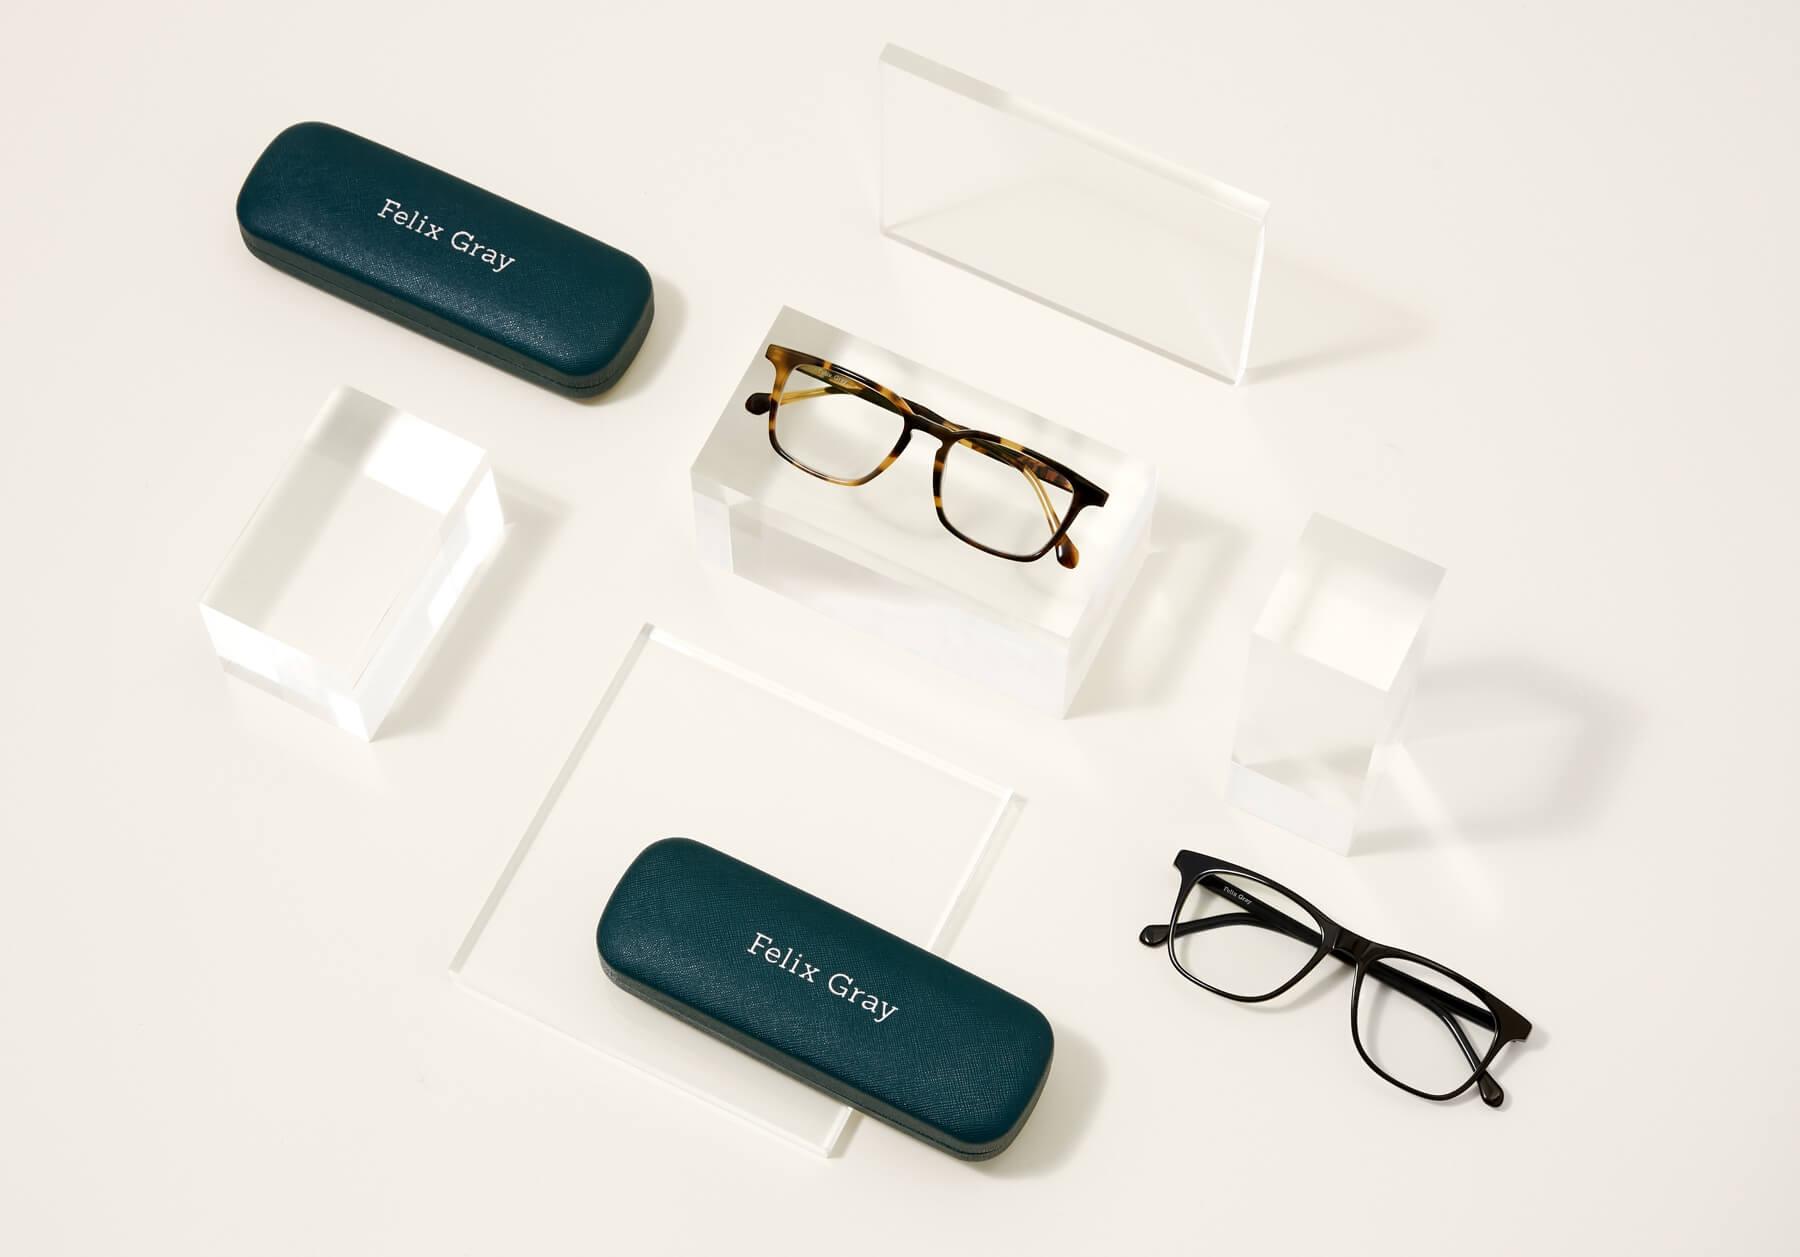 Felix Gray blue light filtering optical glasses